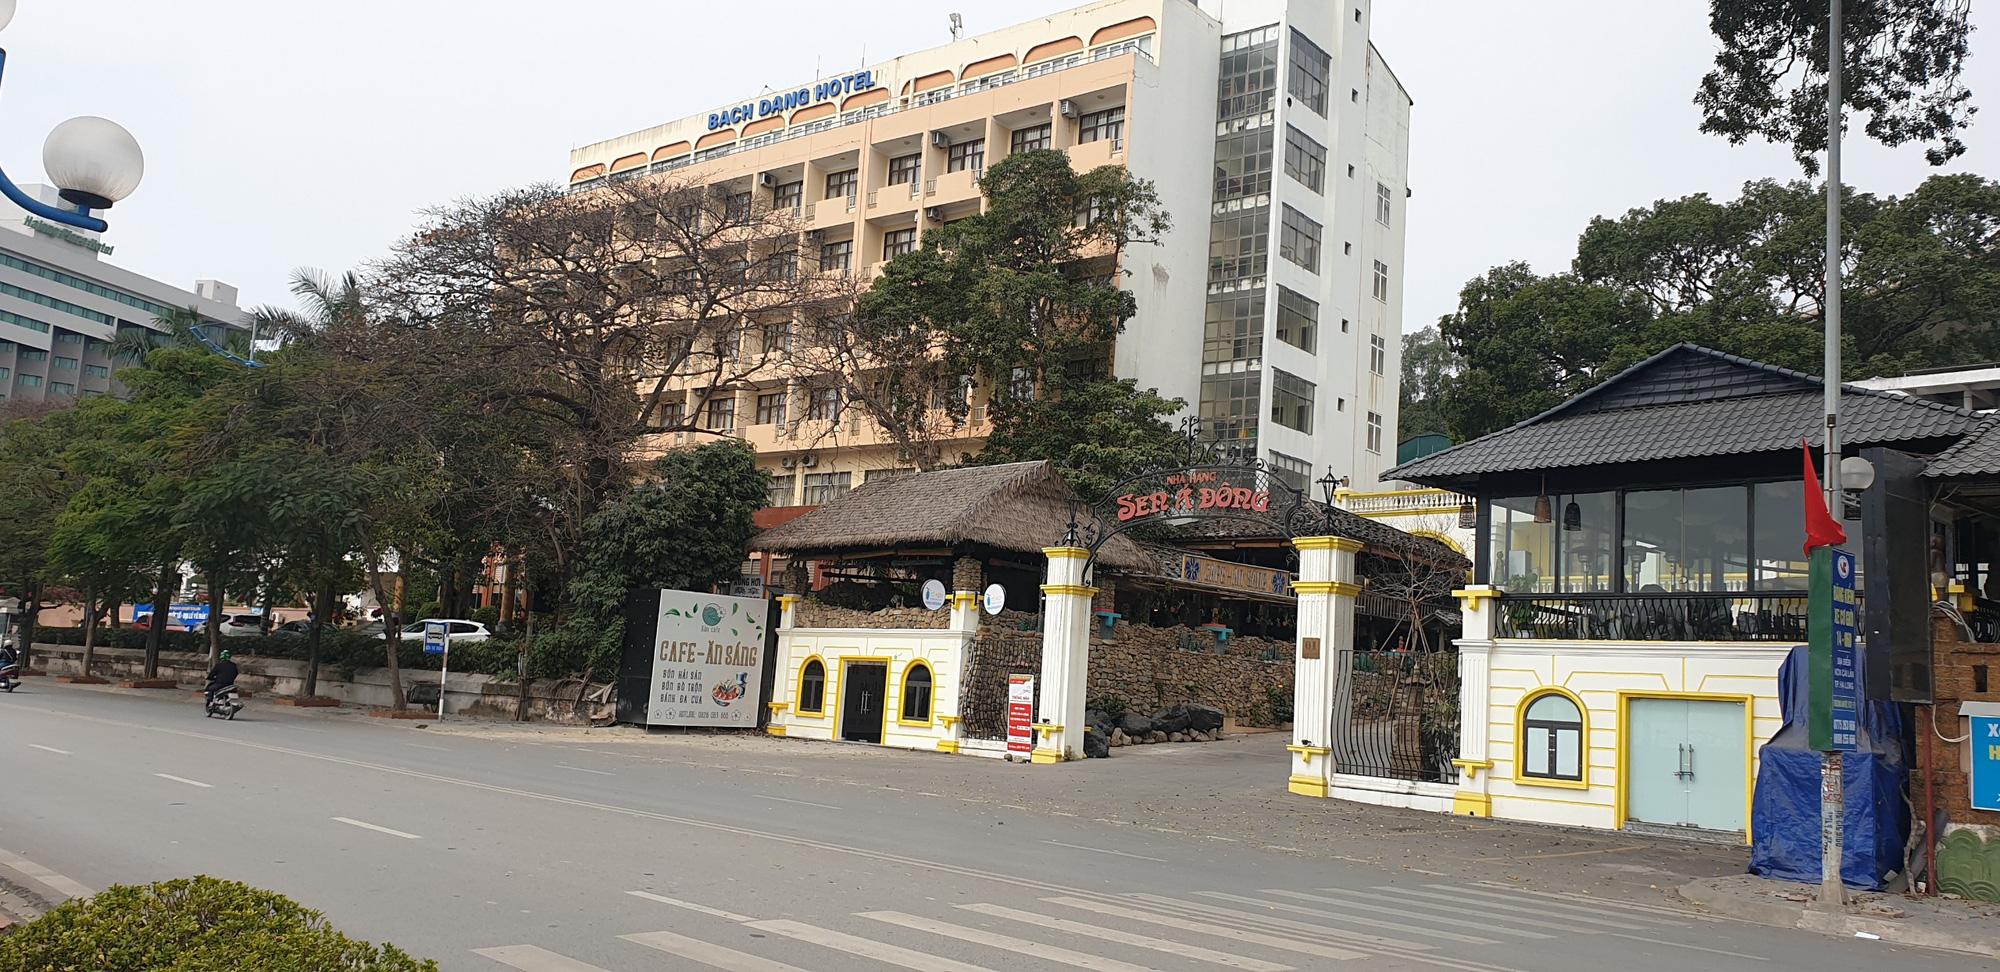 Những hình ảnh mới nhất từ Quảng Ninh sau khi phát hiện ca Covid-19 lây nhiễm trong cộng đồng  - Ảnh 3.